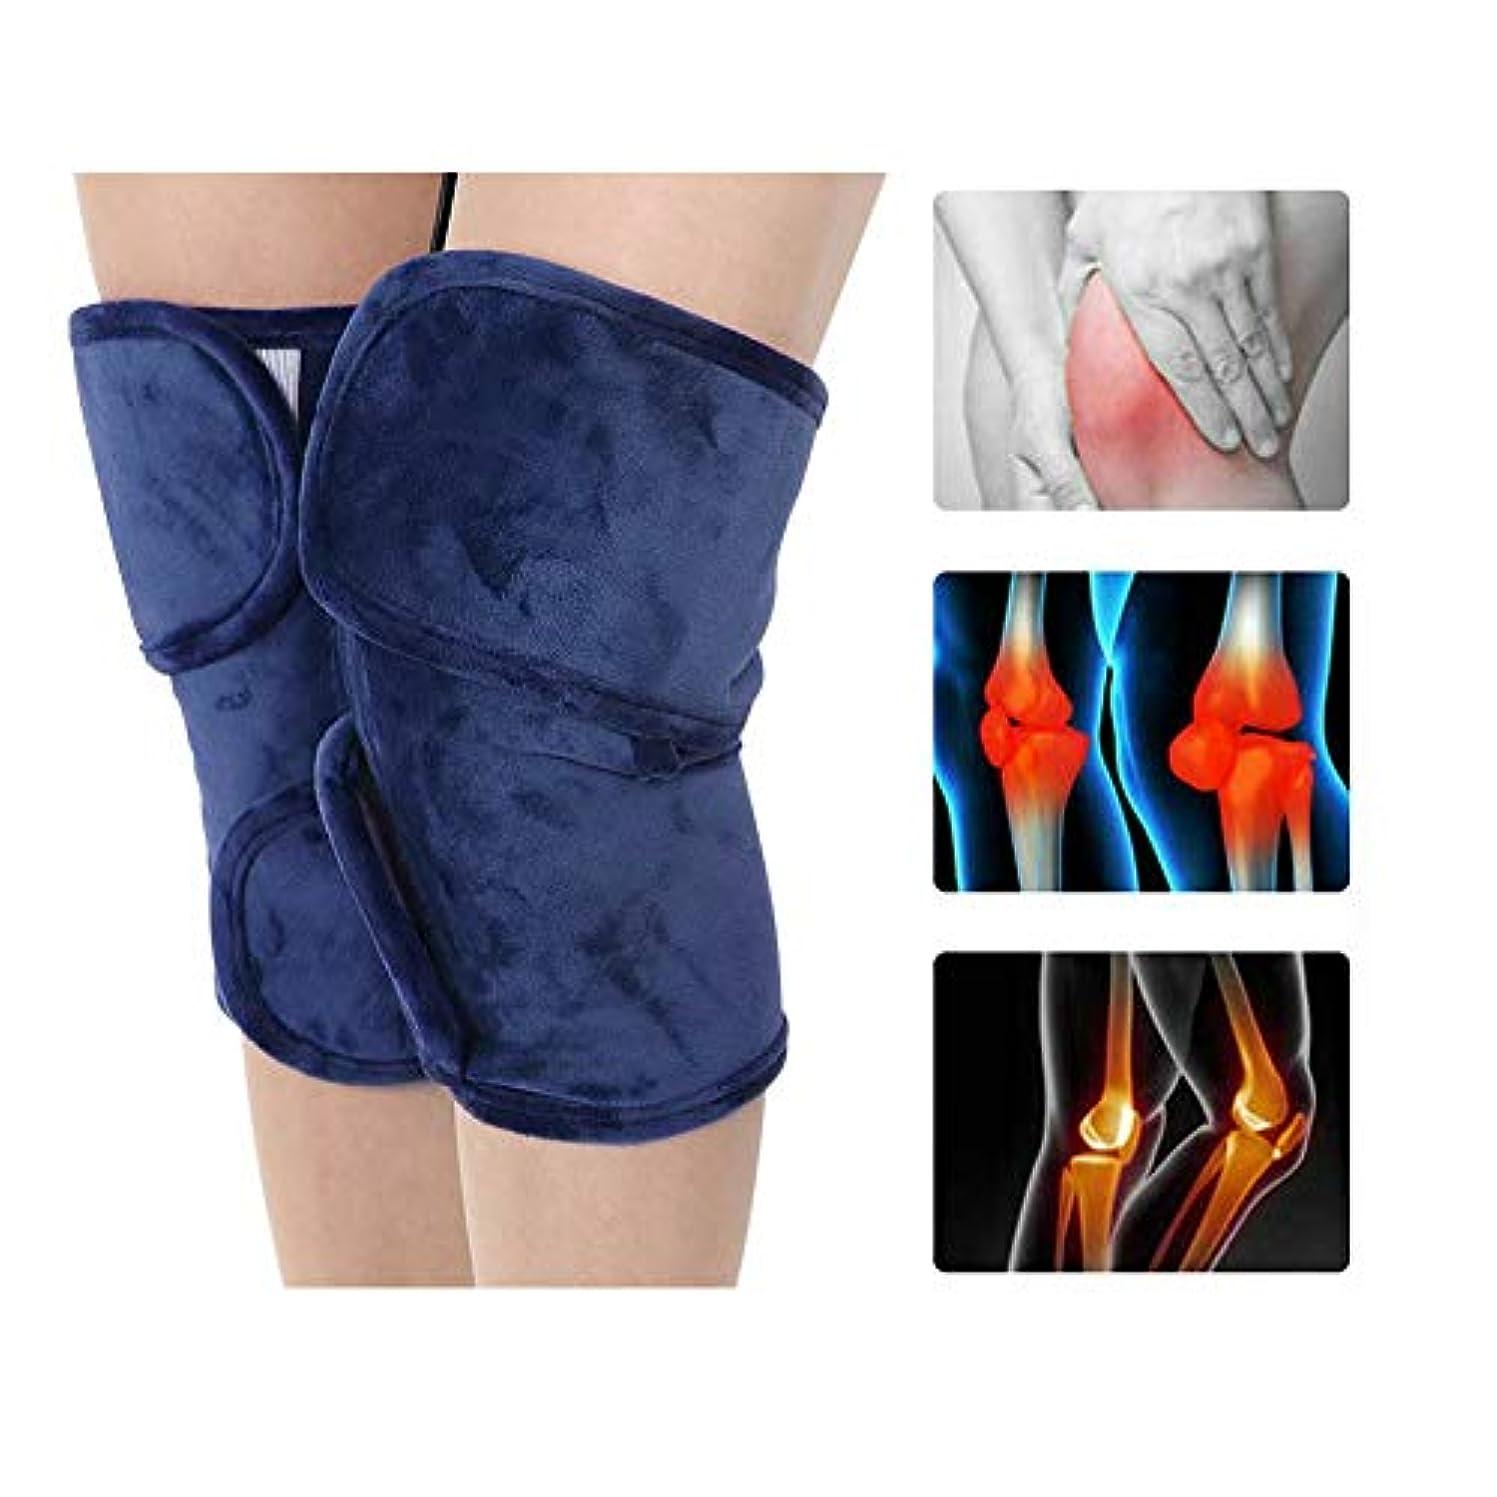 闘争住居パイプ電気加熱膝ブレースサポート - 膝温かいラップパッド療法ホット関節炎膝の痛みのための熱い圧縮,Blue